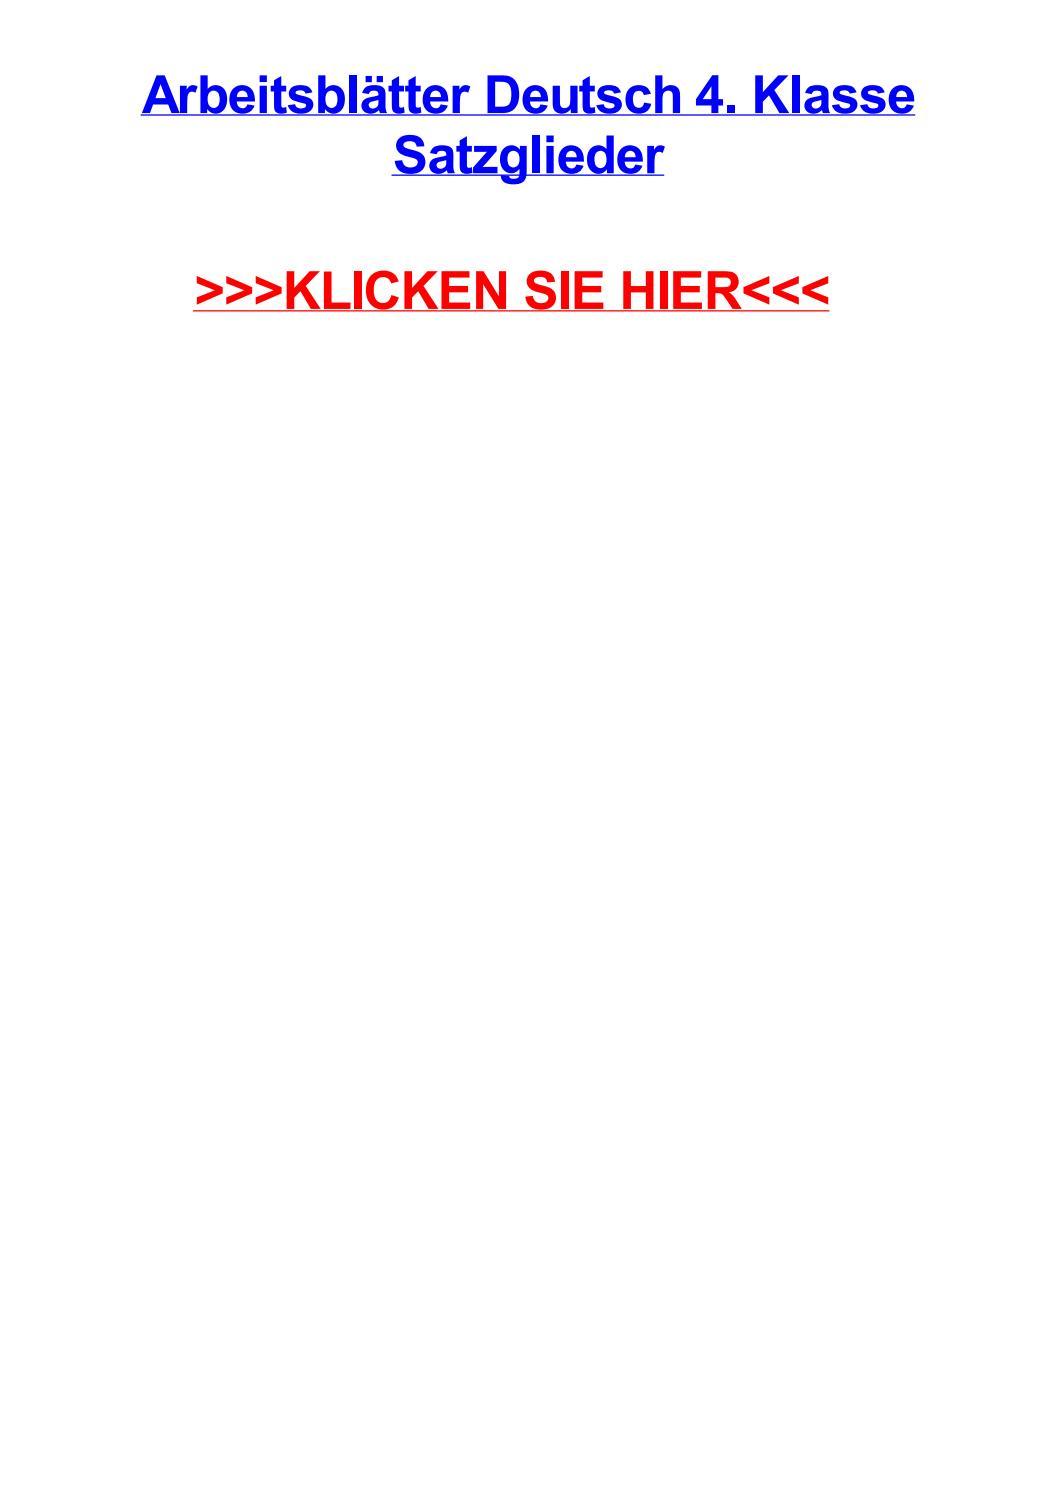 Arbeitsbltter deutsch 4 klasse satzglieder by kathyxmva - issuu